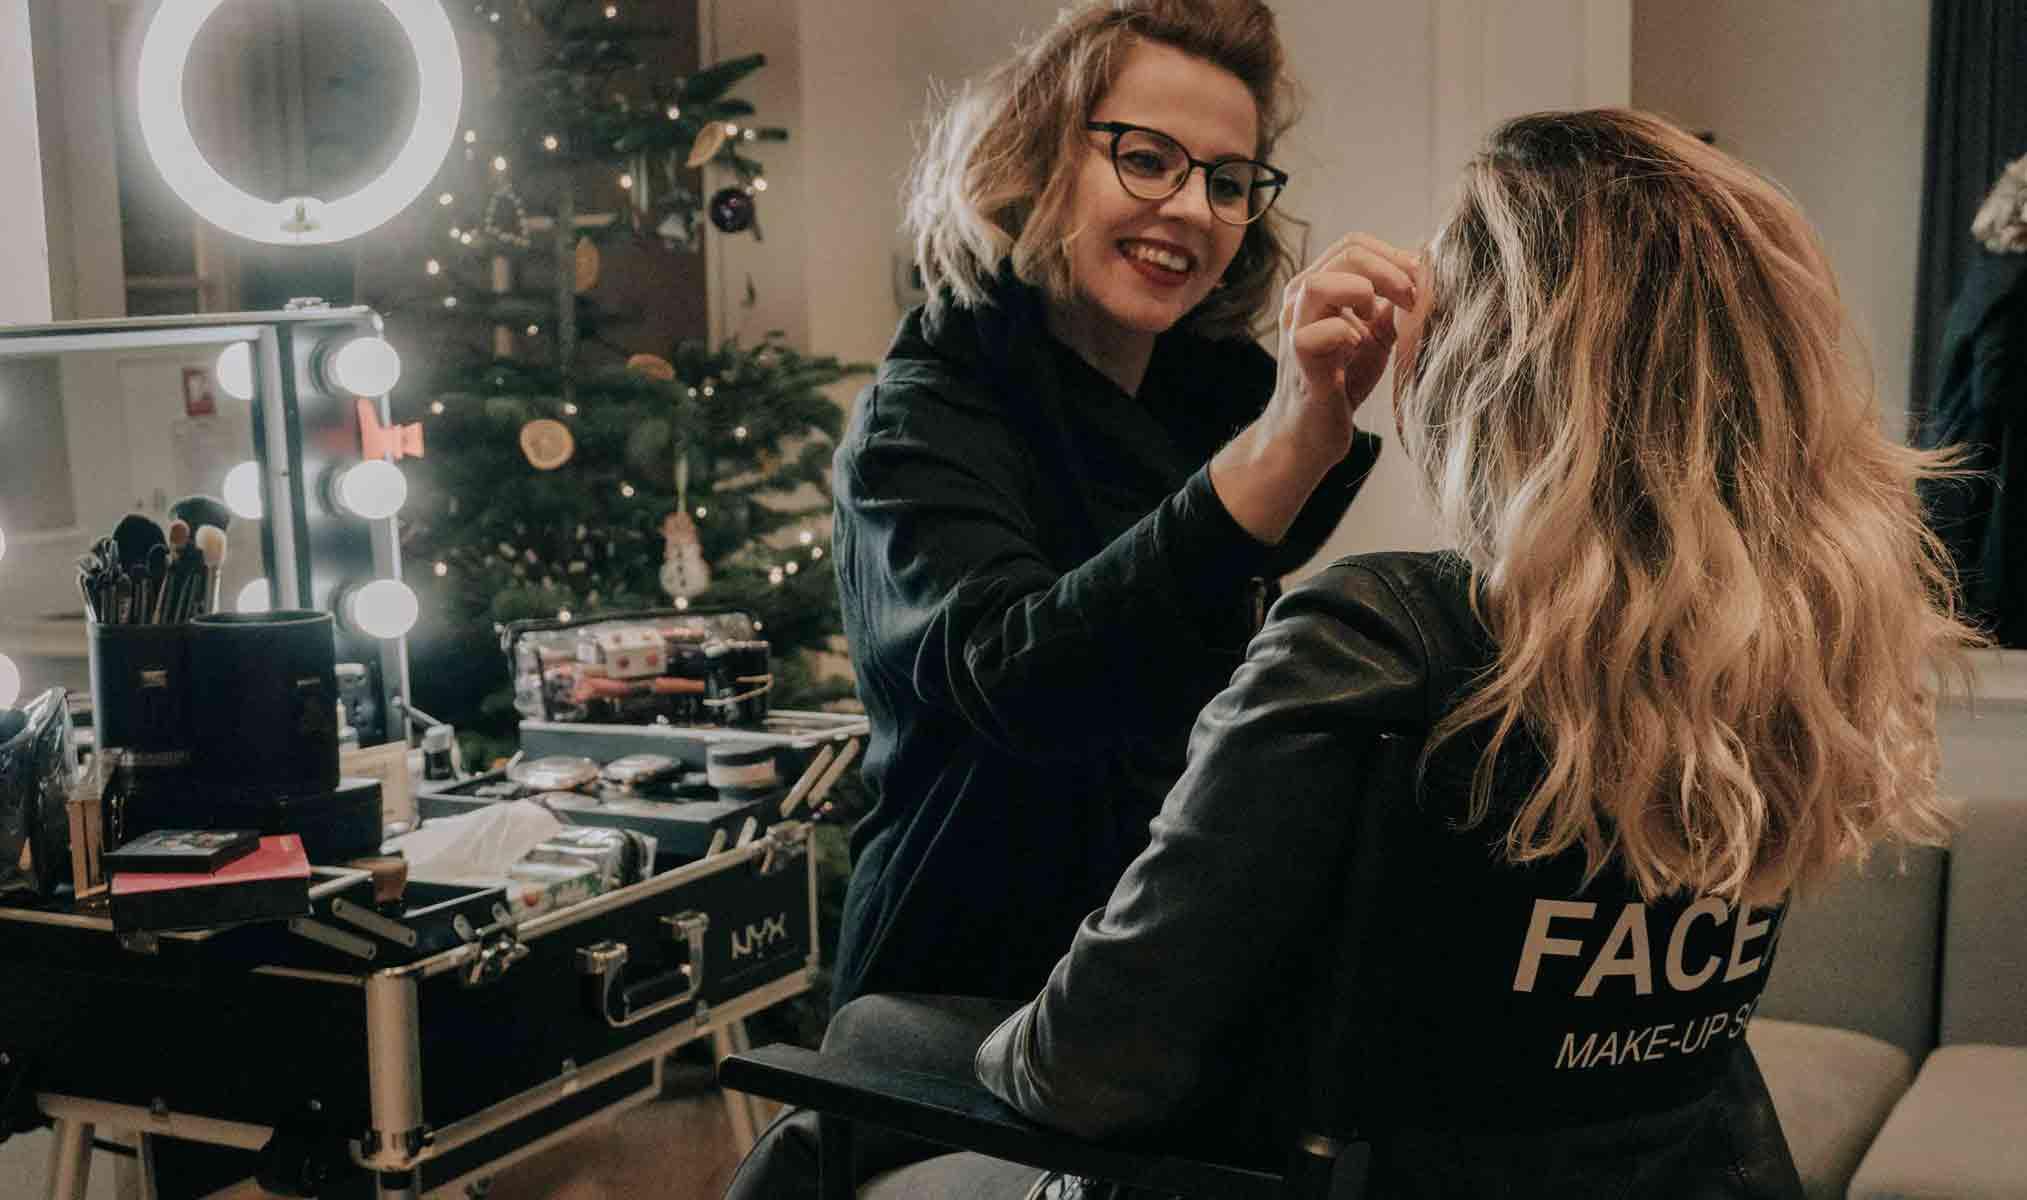 Makijażystka Katarzyna Zielińska wykonująca makijaż u klientki